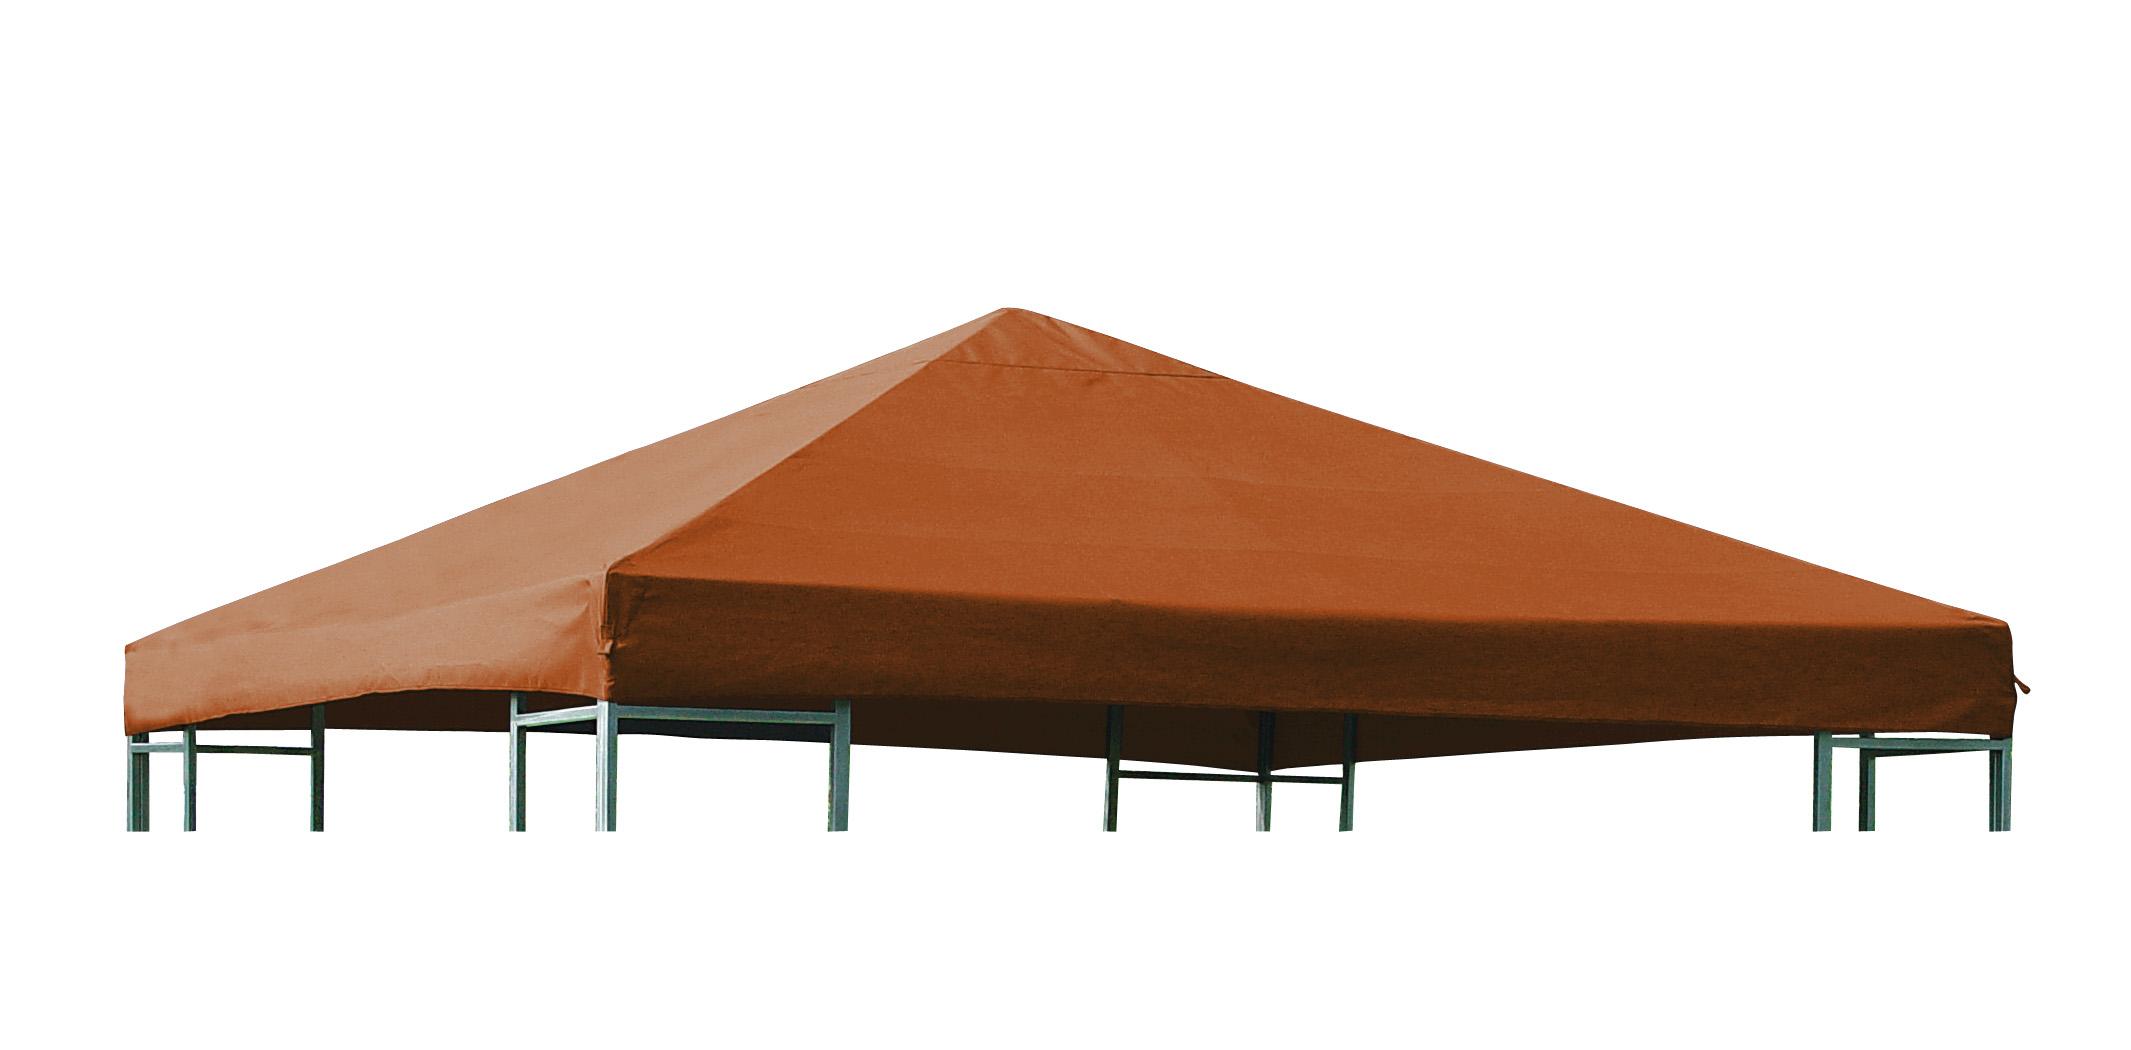 Universal-Ersatzdach für Pavillon 3x3 Meter, terracotta